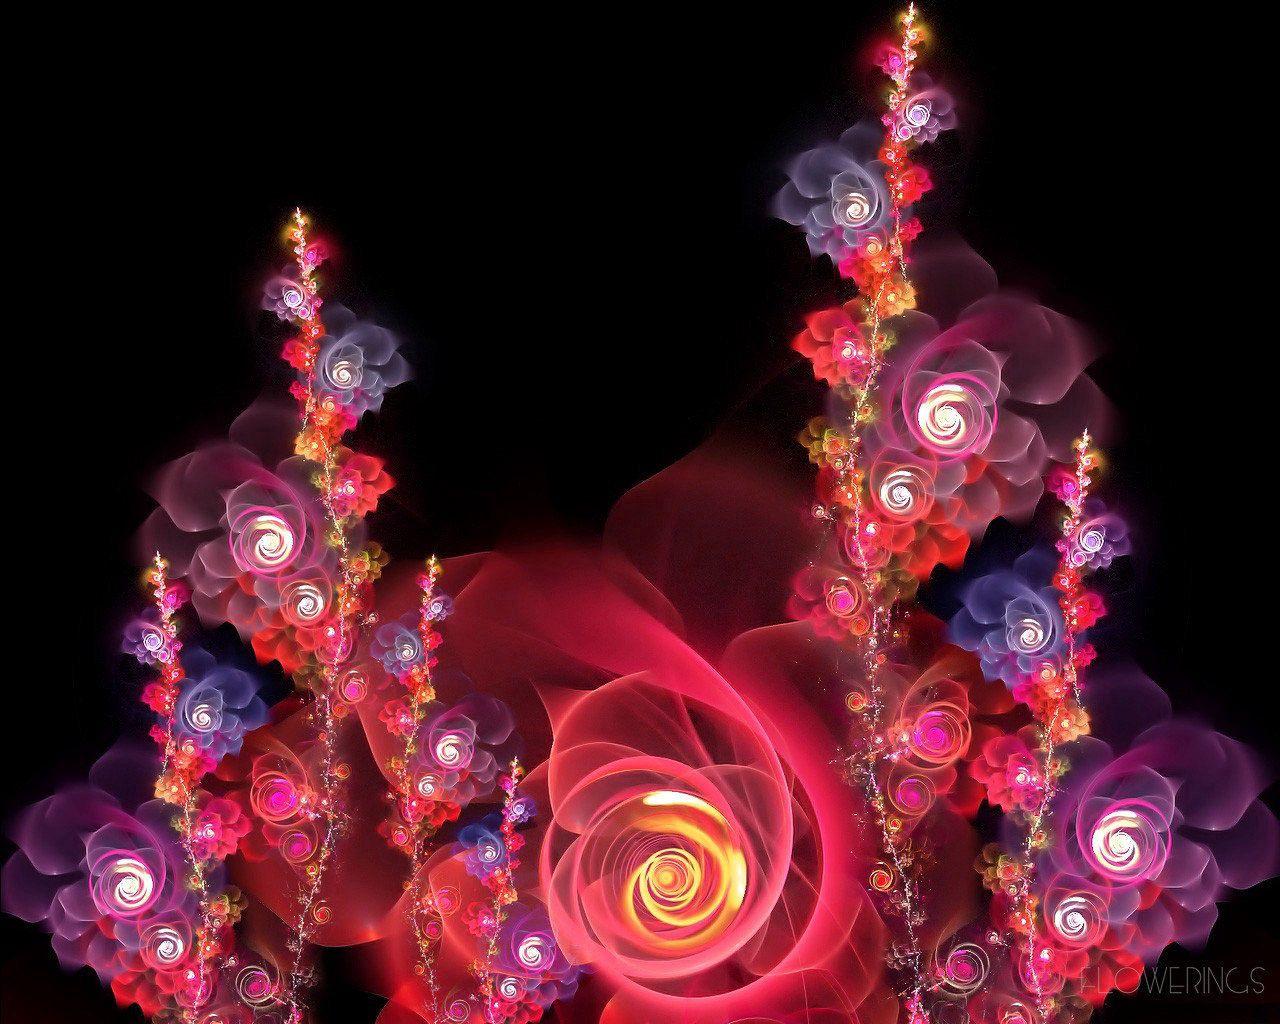 139763 скачать обои Абстракция, Розовый, Красный, Фрактал, Цветы - заставки и картинки бесплатно